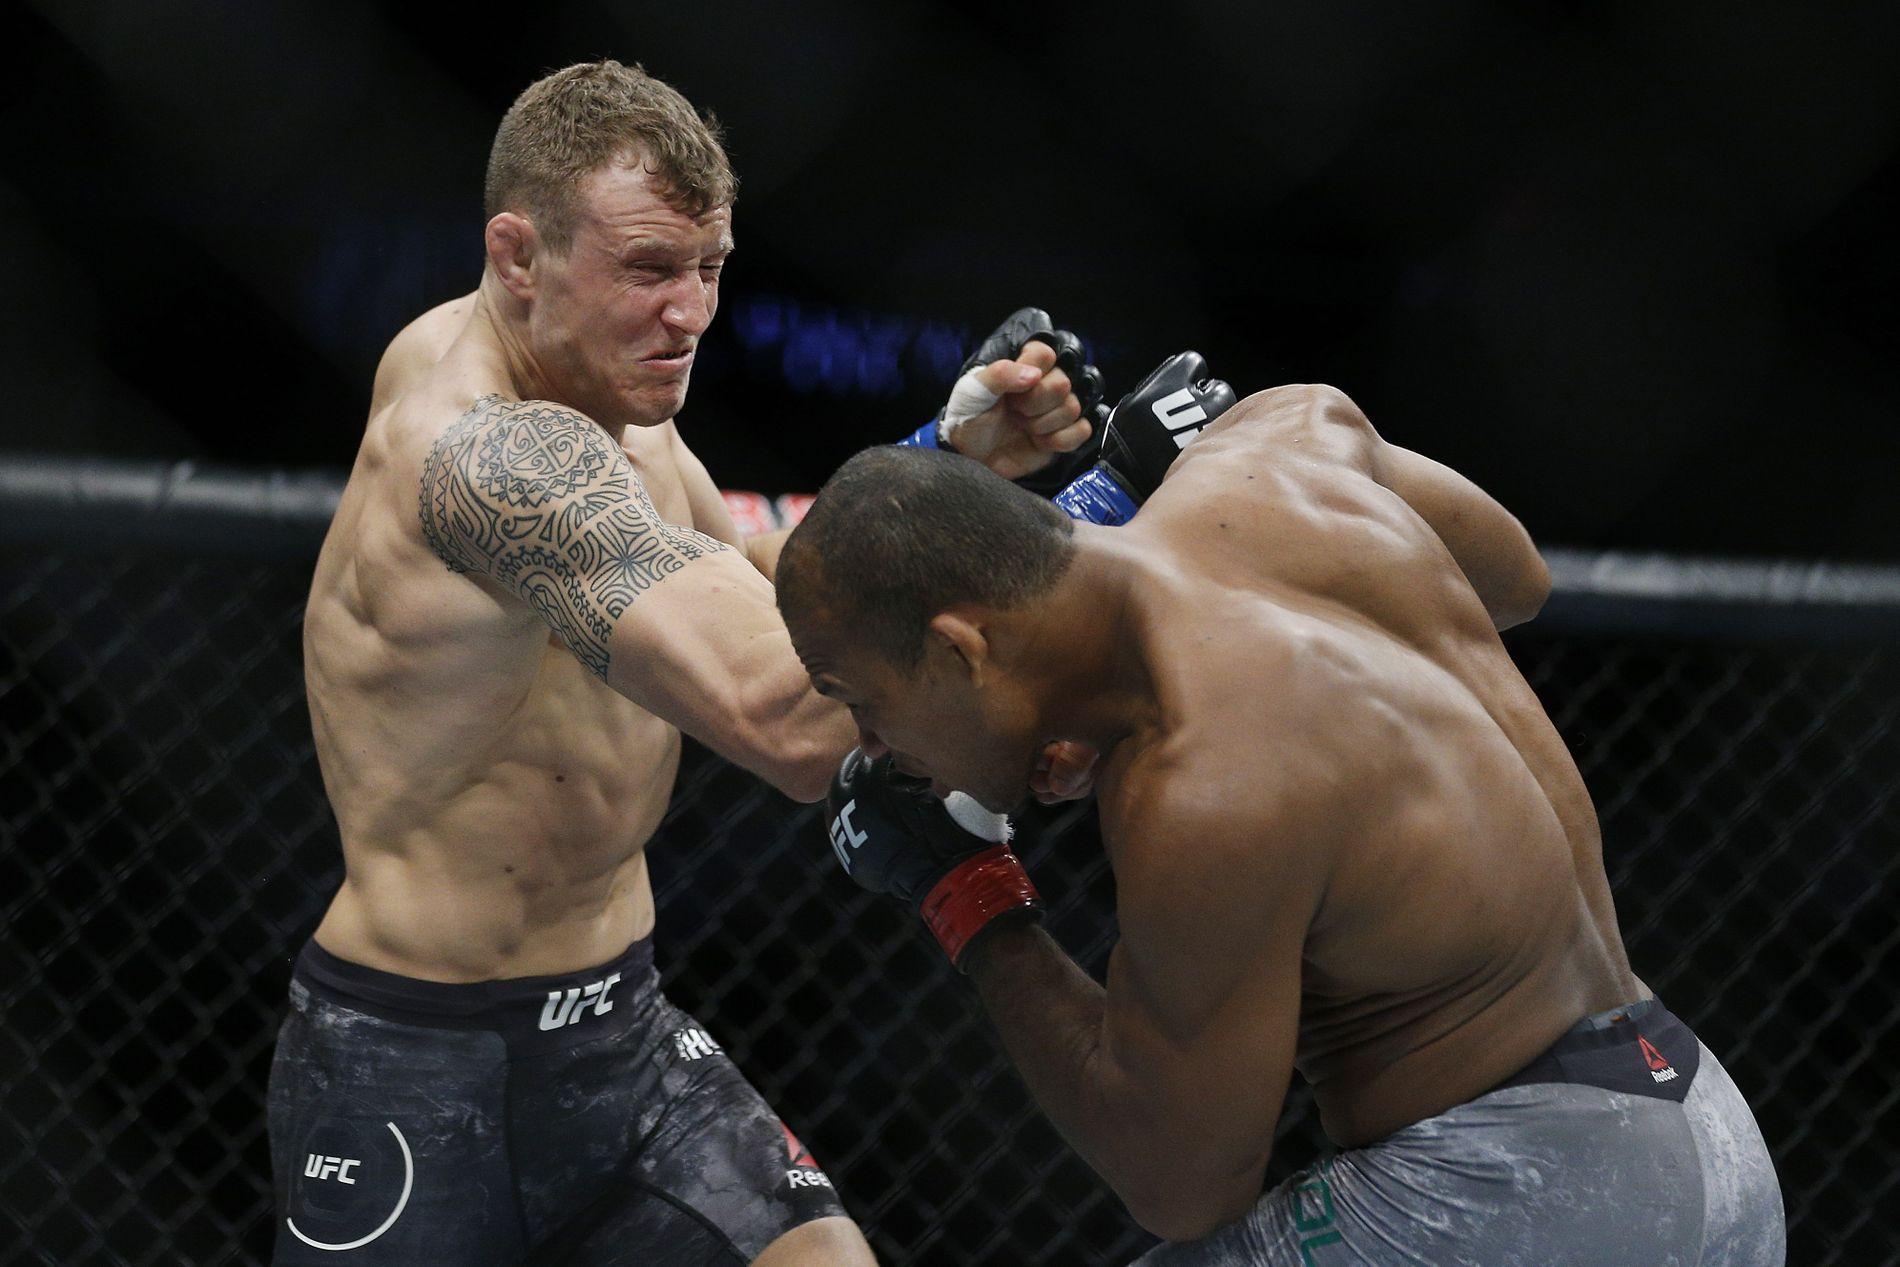 HET POTET: Jack Hermansson har bokstavelig talt fått lønn for sine meget sterke prestasjoner i UFC. Her er han i aksjon mot Jacare Souza i april.